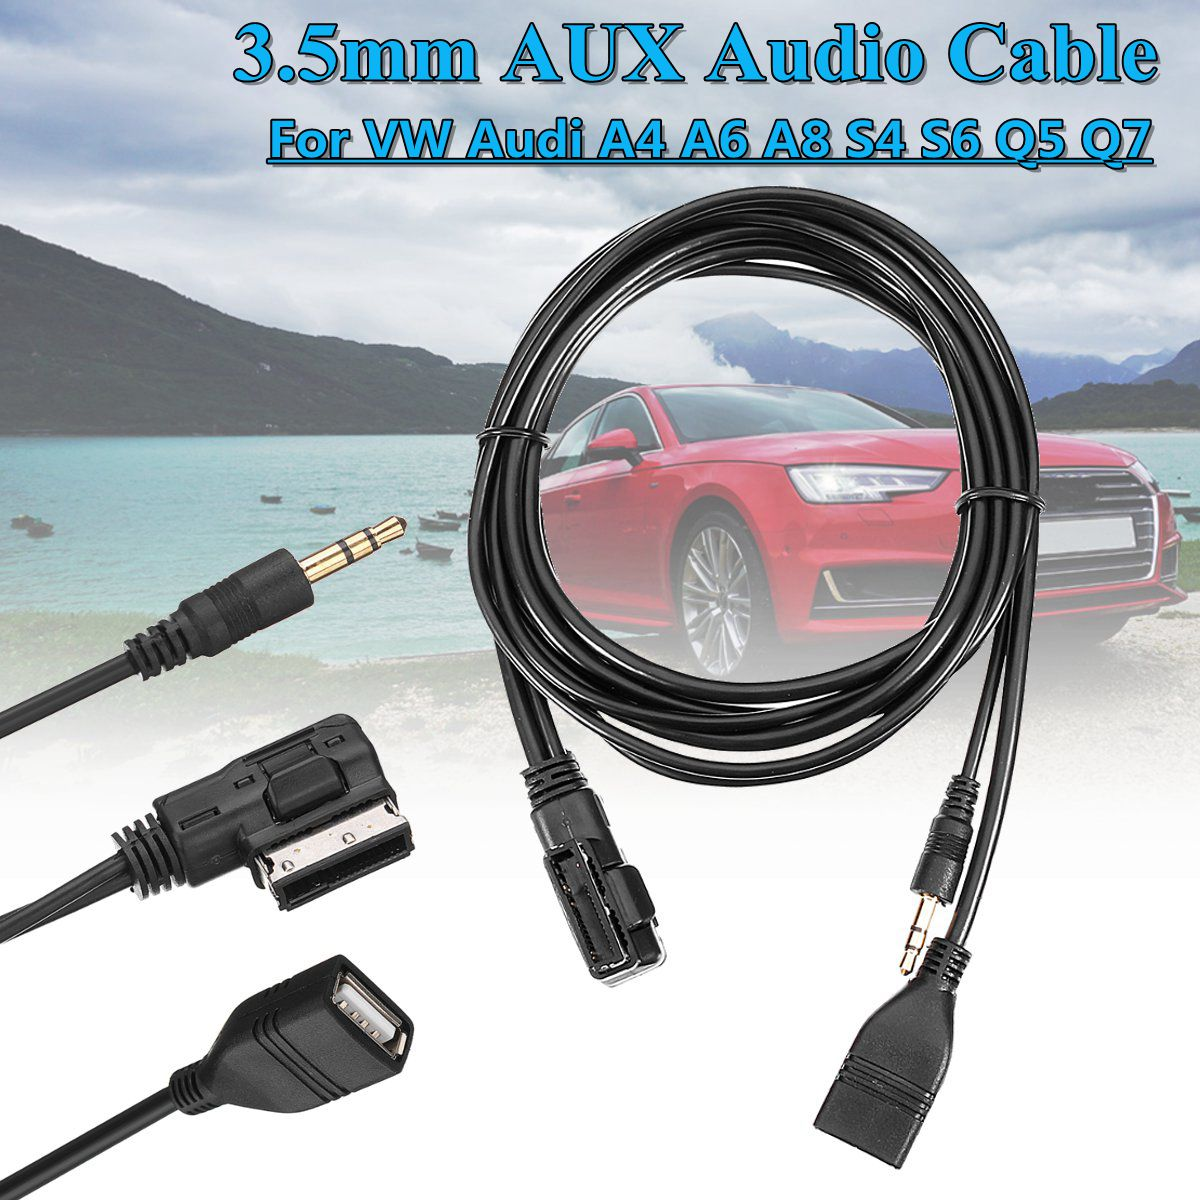 MDI MMI Adaptateur Compatible pour iPXs XS Max X XR 8 7 pour Audi A3 A4 A5 Q5 VW Jetta Passat Touareg AMI Audio Music AUX Cable Power Interface 9,3 m